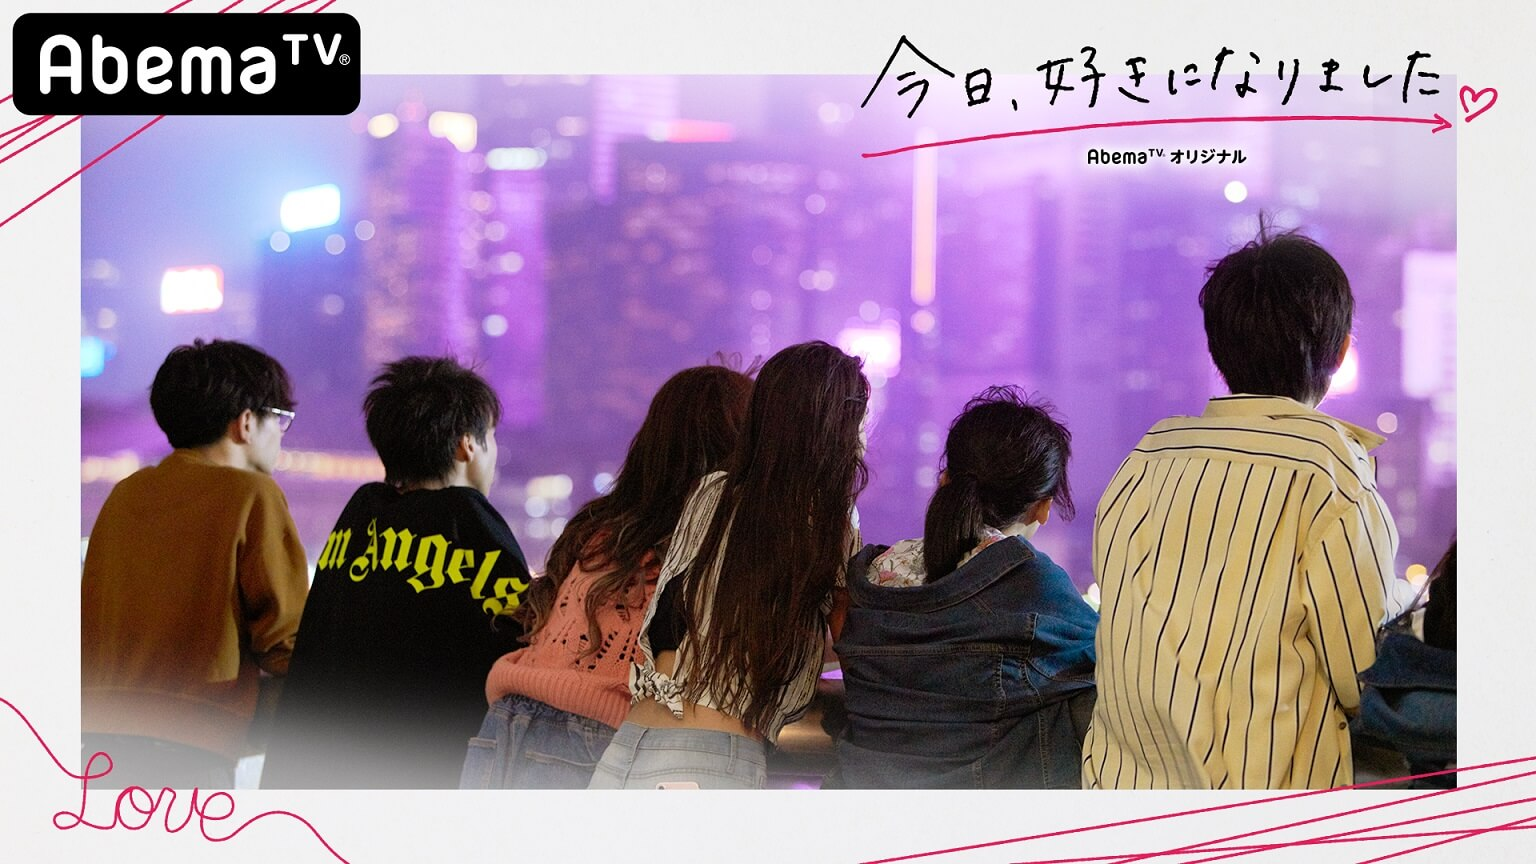 『今日、好きになりました。香港編』AbemaSPECIALにて5月6日より放送開始!